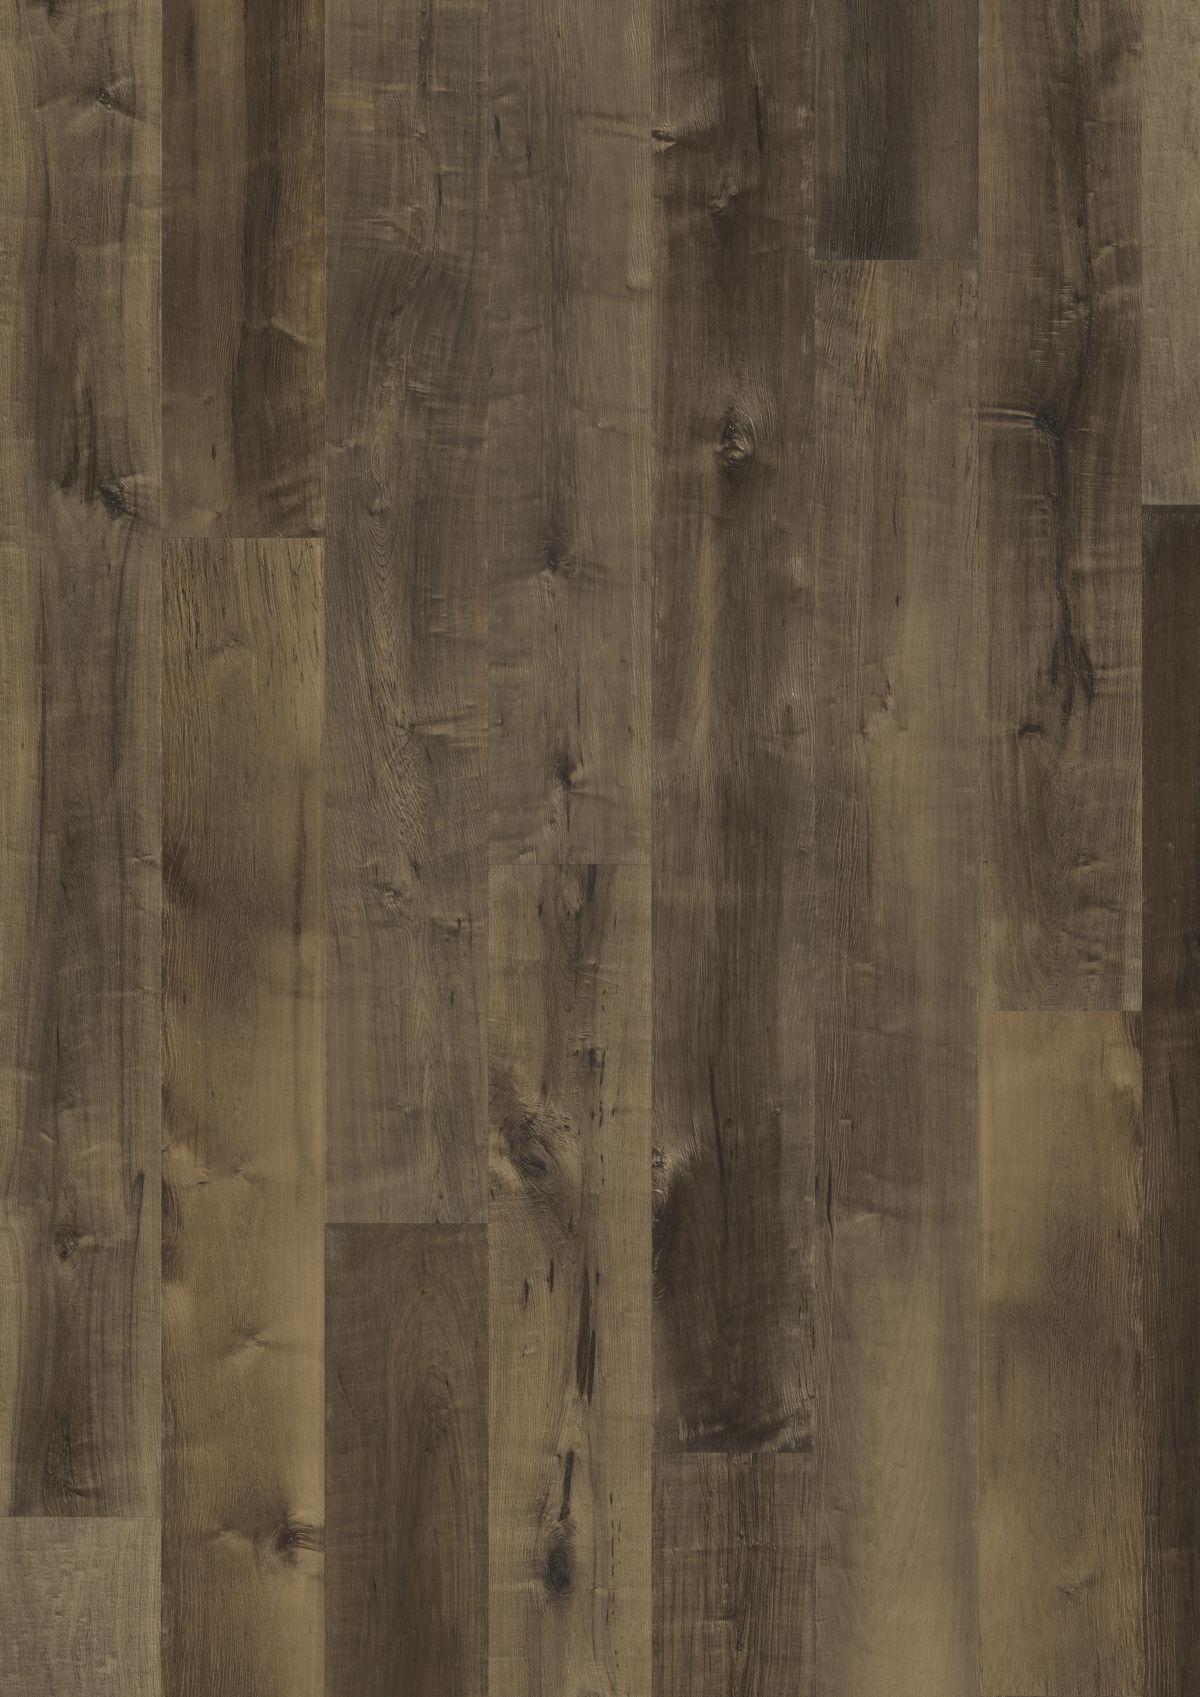 kahrs artisan maple carob engineered wood flooring. Black Bedroom Furniture Sets. Home Design Ideas